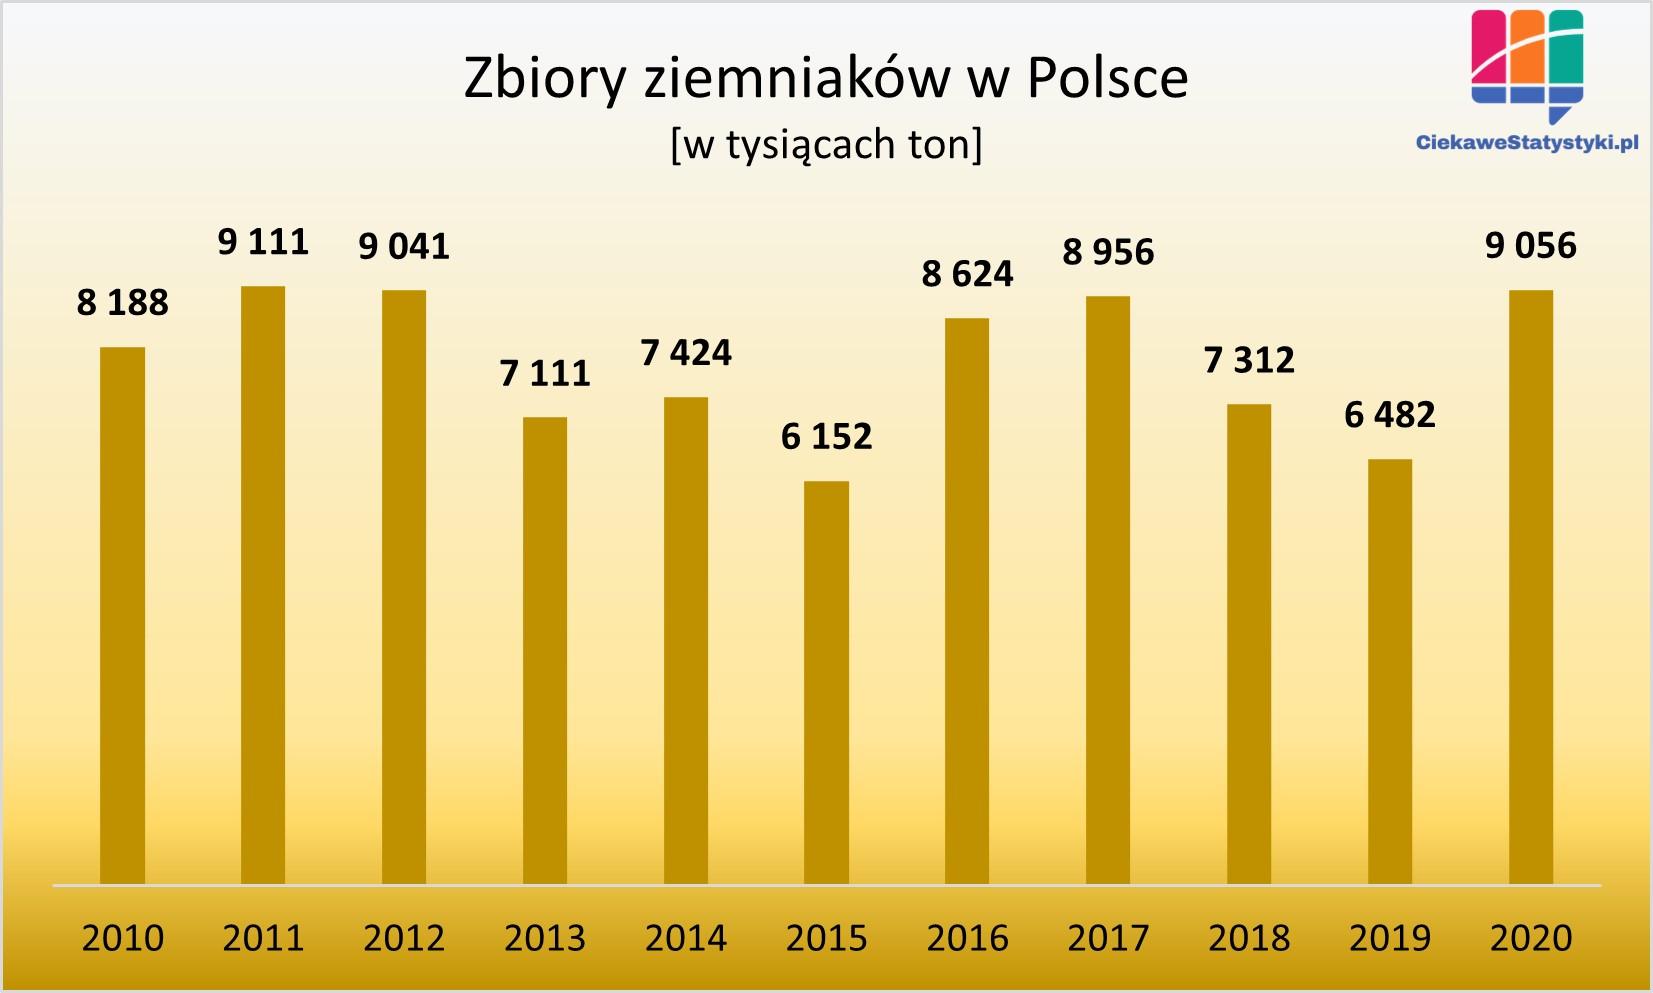 Zbiory ziemniaków w Polsce w 2020 roku; ile ziemniaków uprawia się w Polsce? Uprawa ziemniaków statystyki